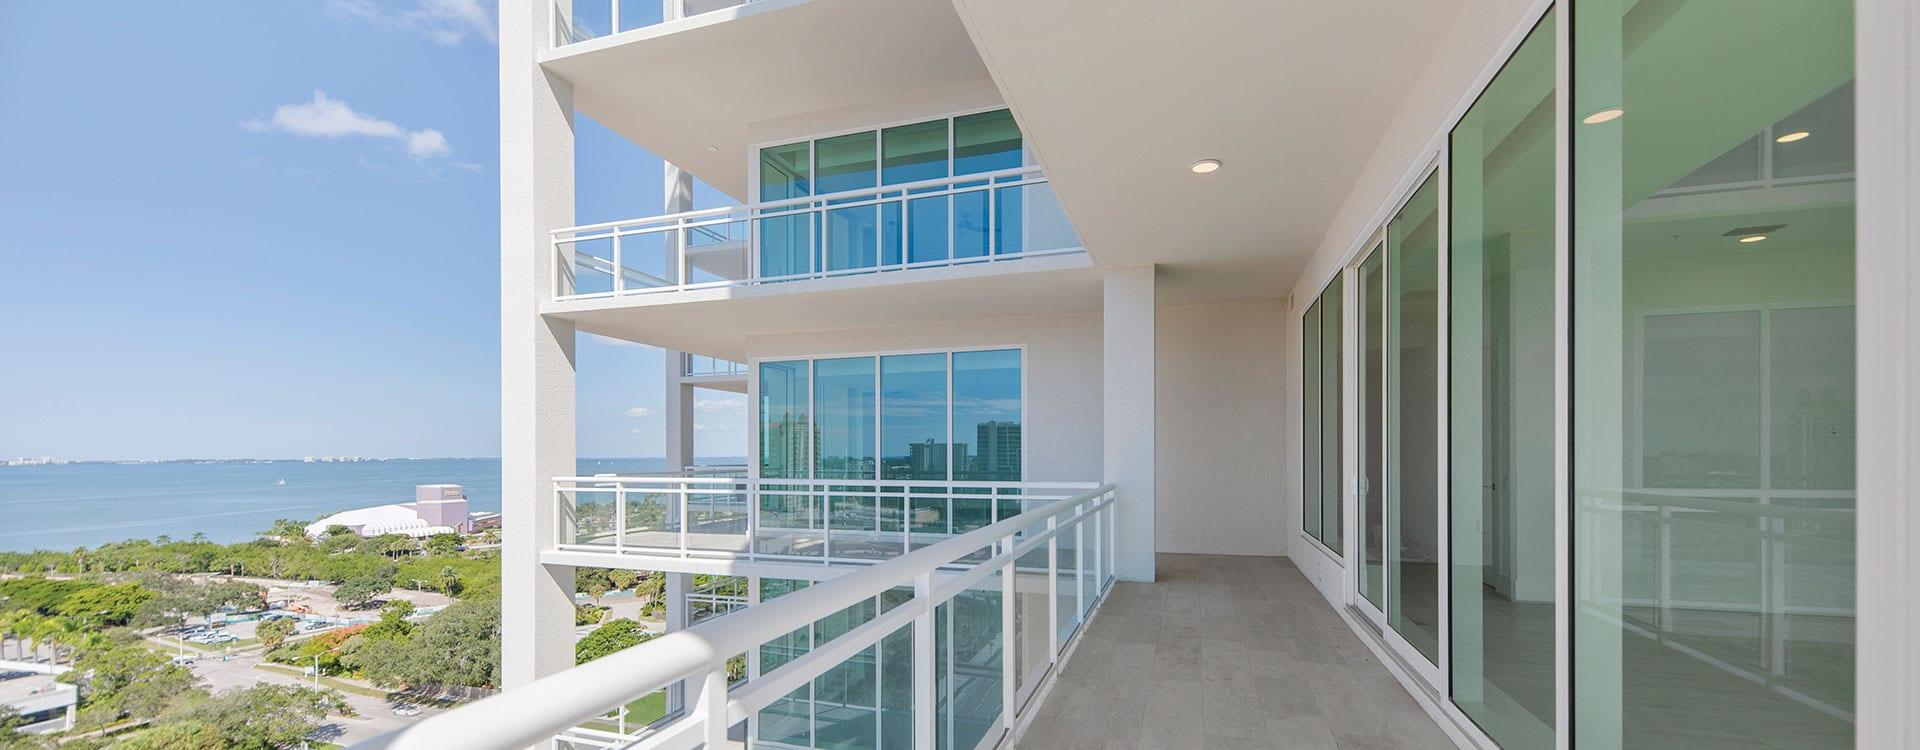 BLVD Residence 1204 Terrace